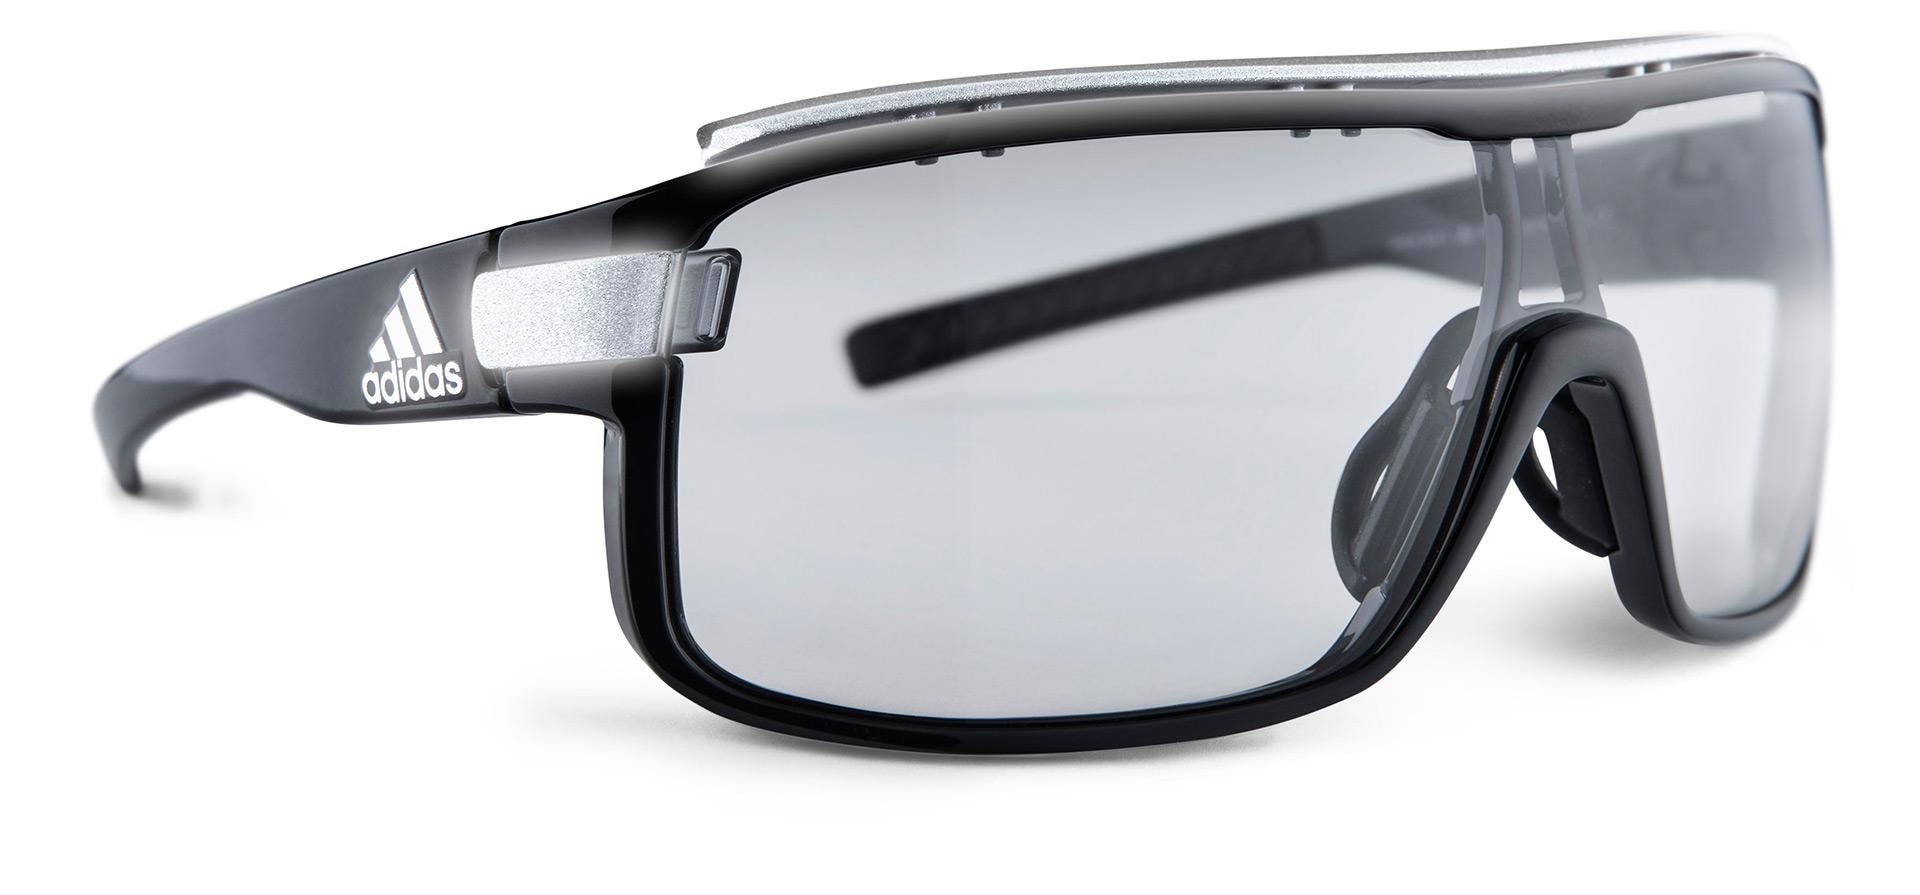 Ausgezeichnet Adidas Brillenfassungen Ideen - Benutzerdefinierte ...